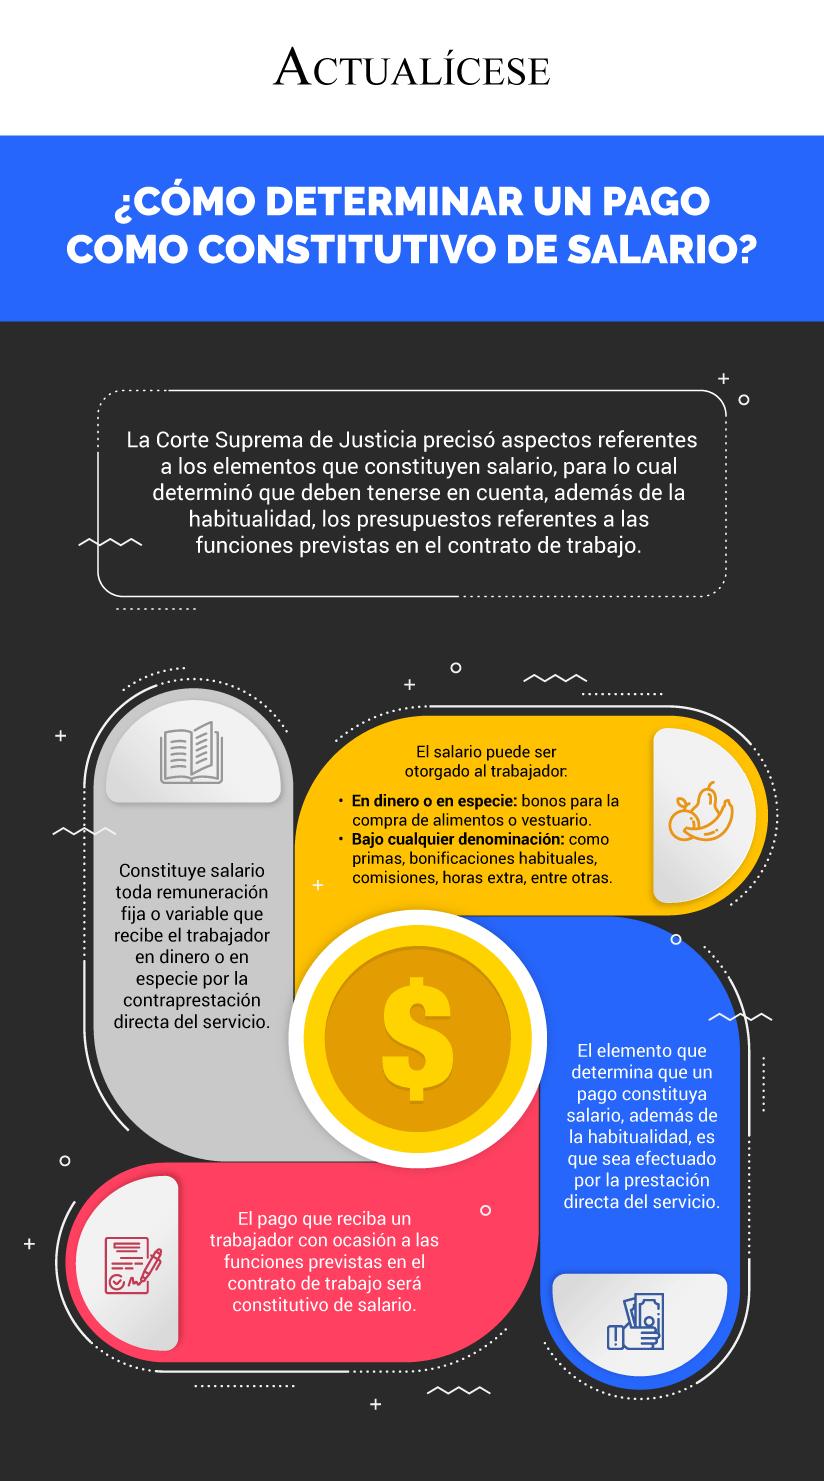 [Infografía] ¿Cómo determinar un pago como constitutivo de salario?